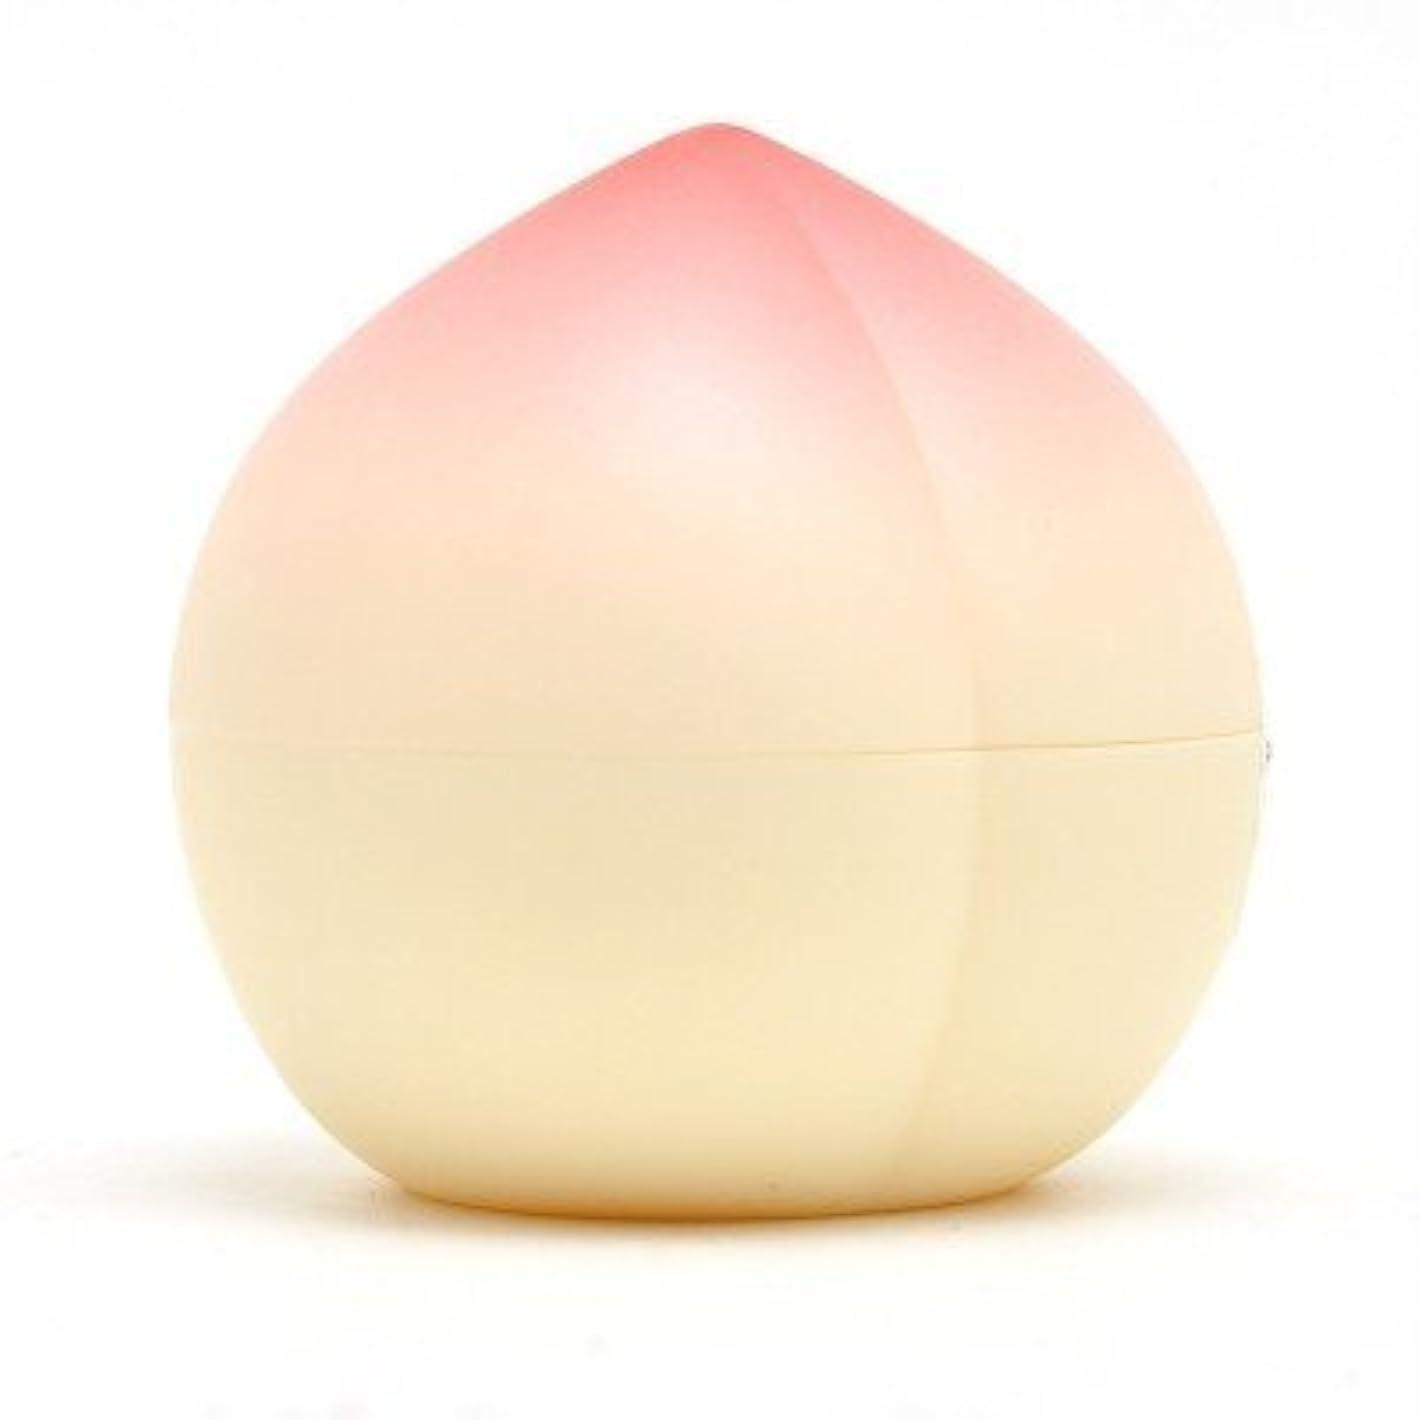 ポスター放射性作曲するTONYMOLY トニーモリー ピーチ?ハンドクリーム 30g (Peach Antiaging Hand Cream) 海外直送品